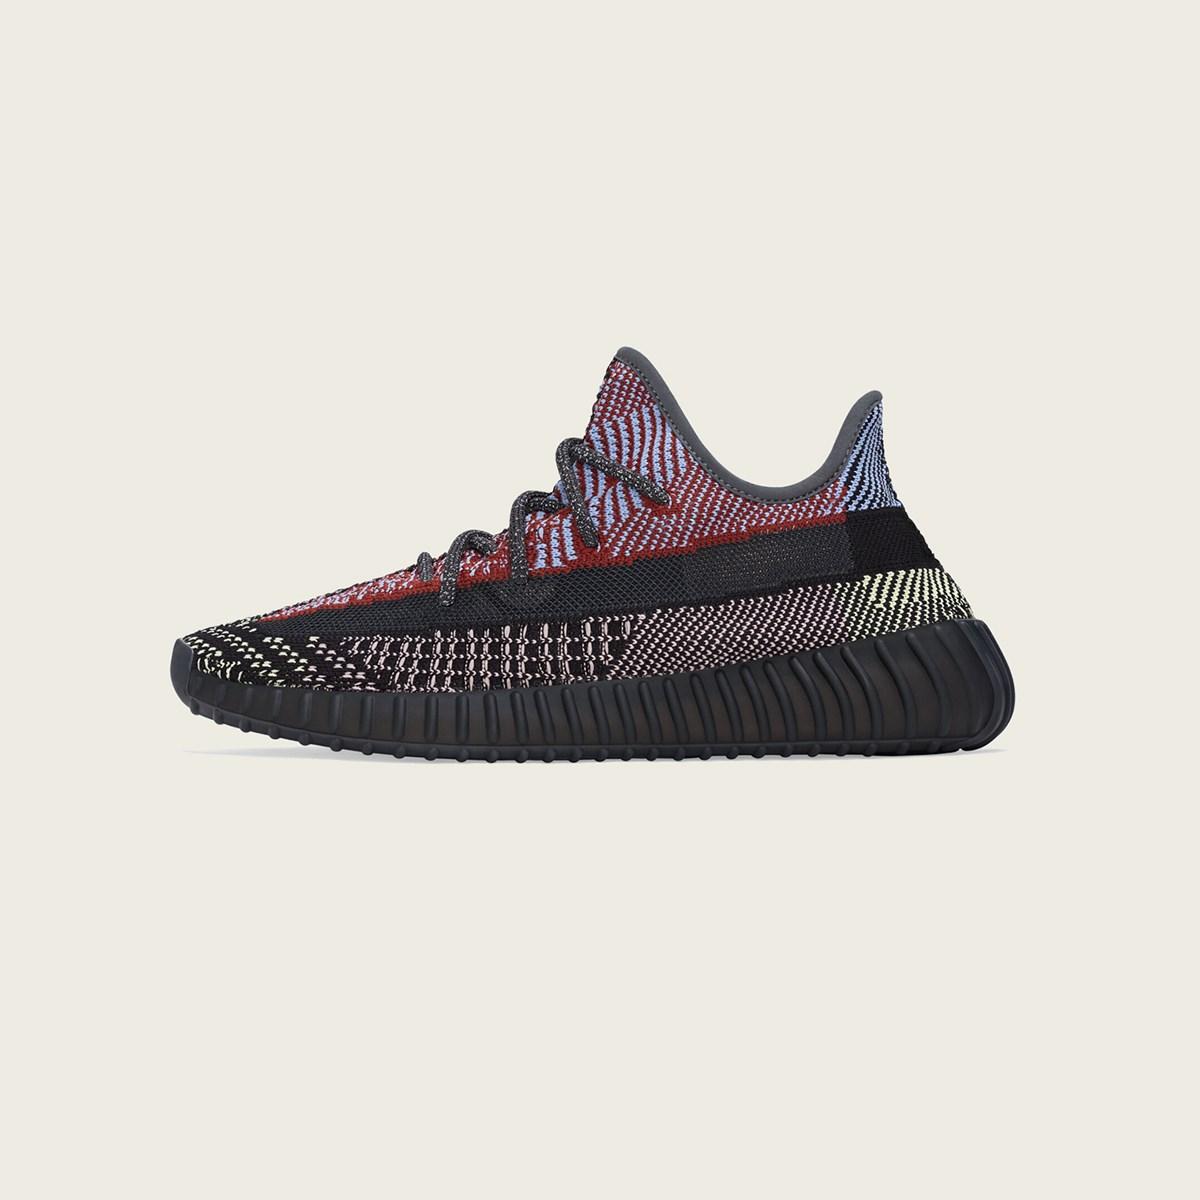 Adidas Yeezy Boost 350 V2 Fw5190 Sneakersnstuff | sneakers & streetwear online since 1999